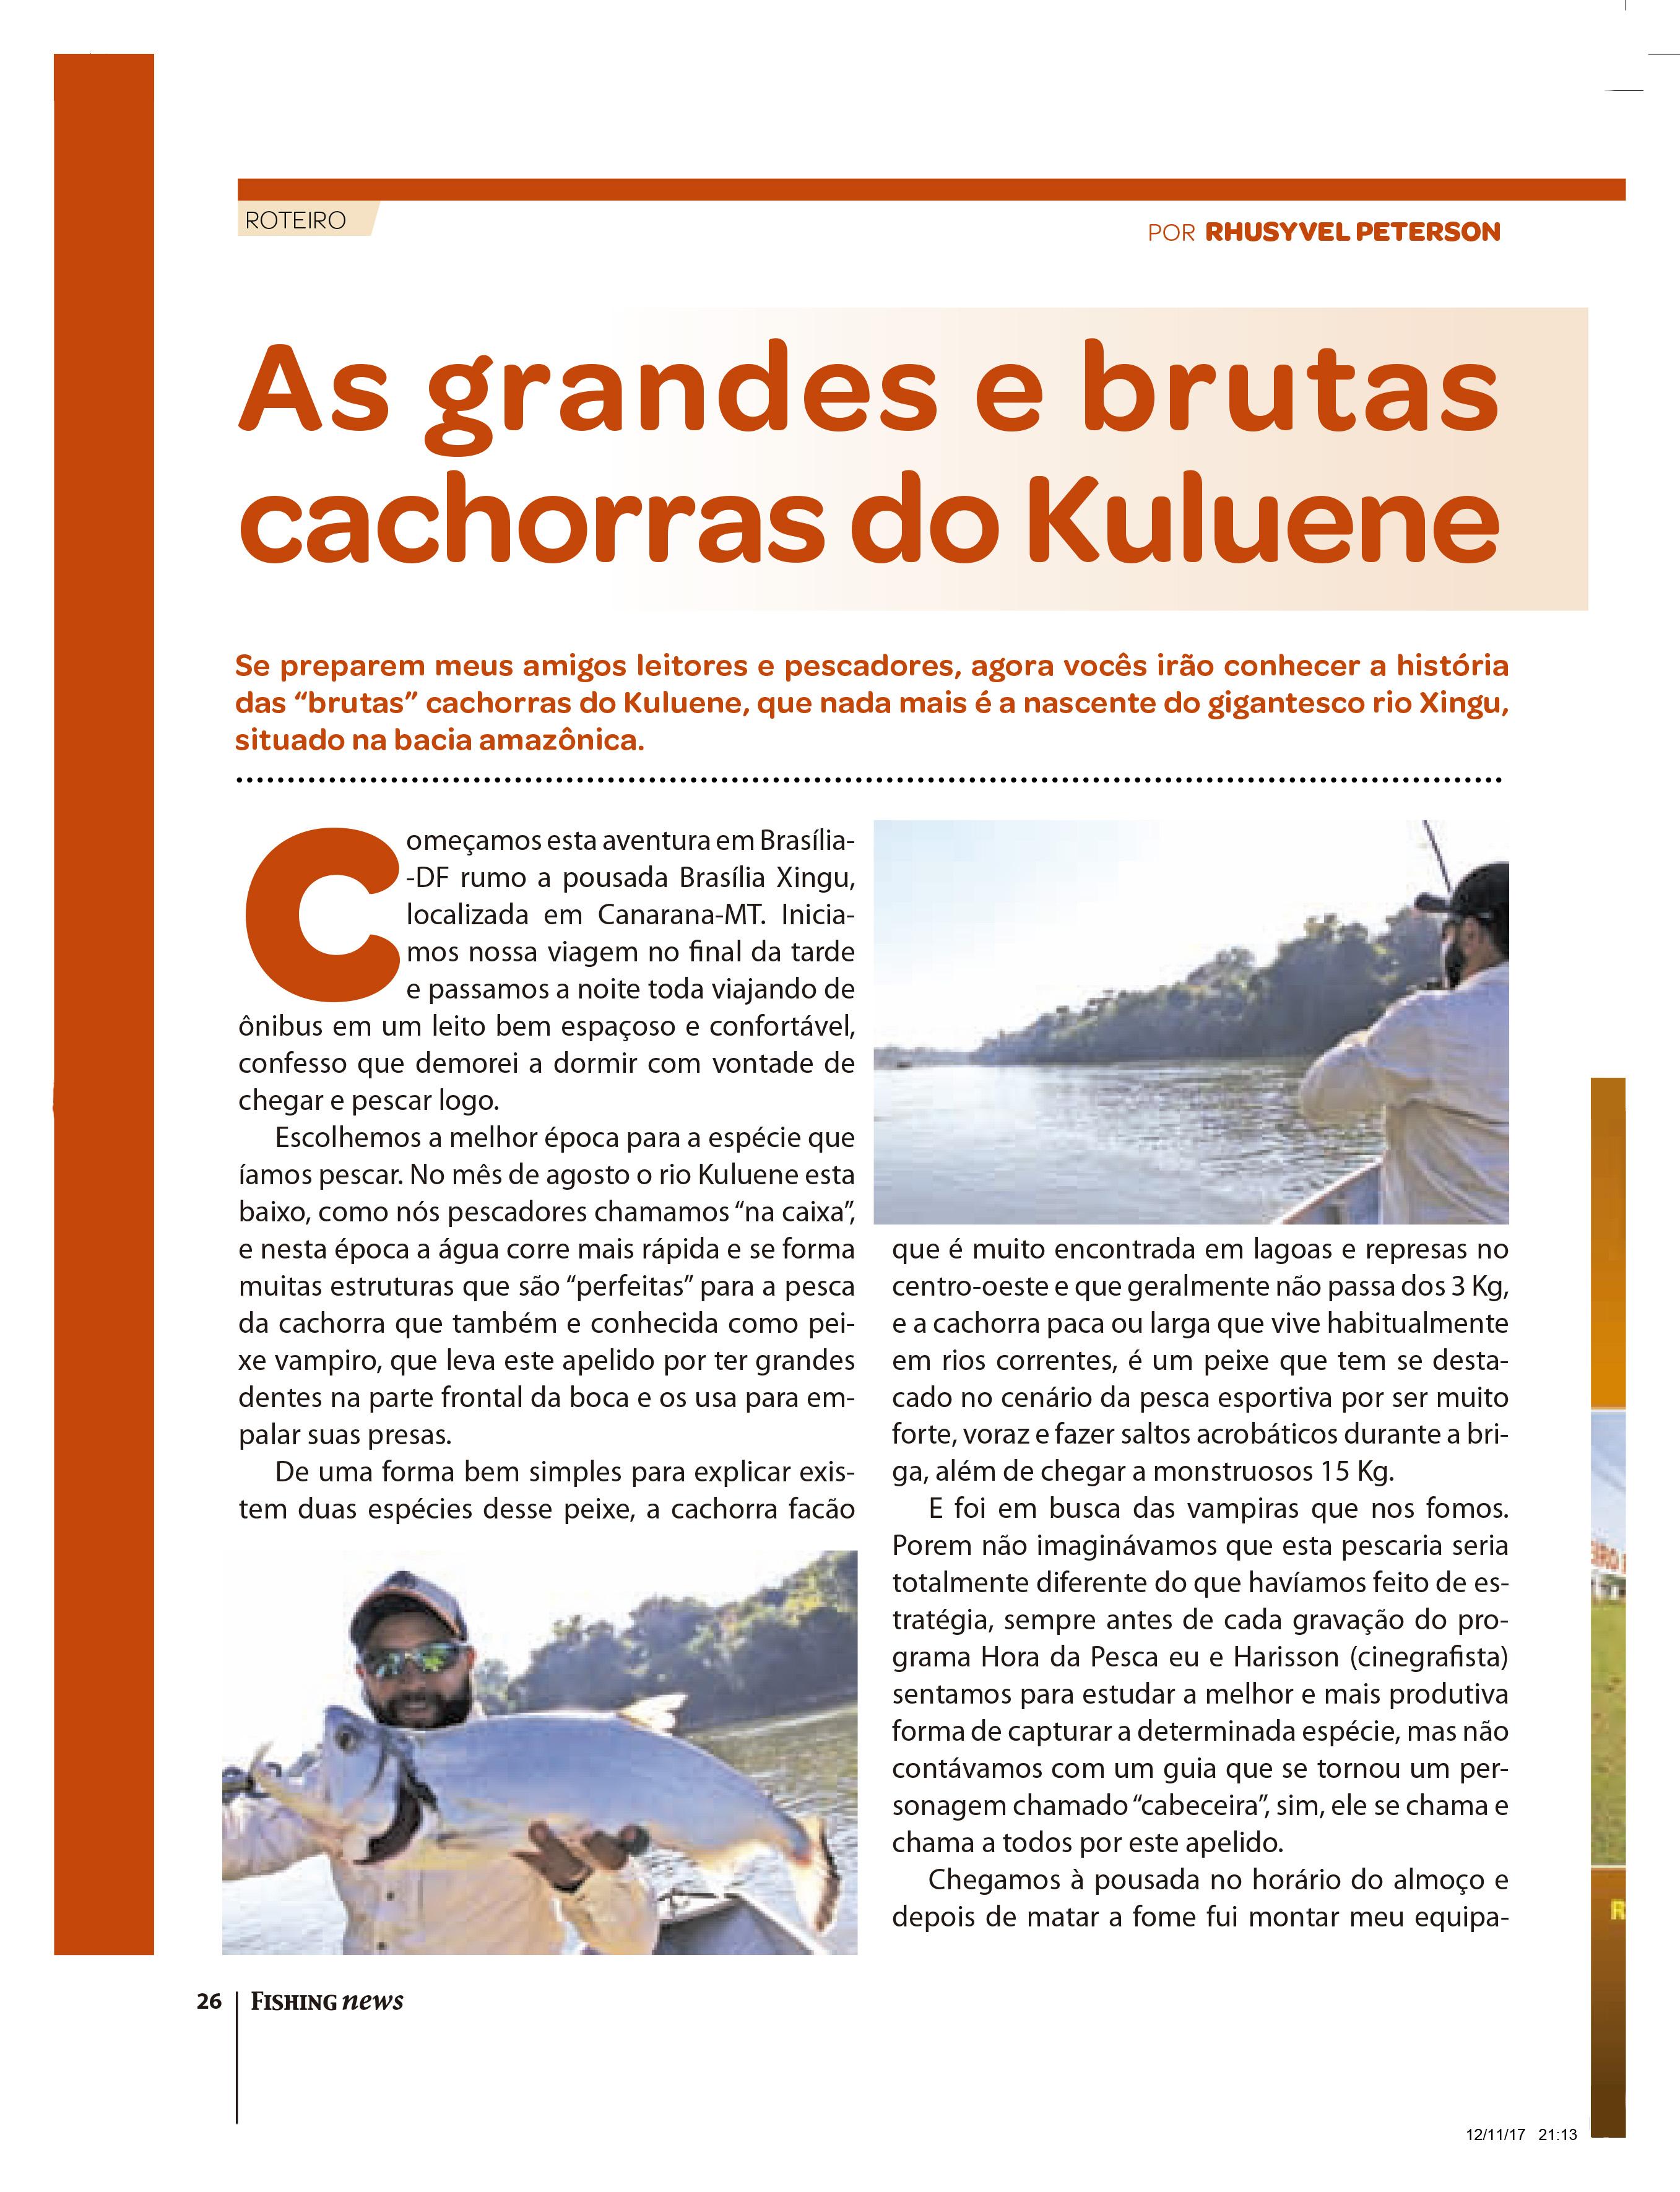 Revista Fishing News_ 89_OP 46649_pdf prova-26